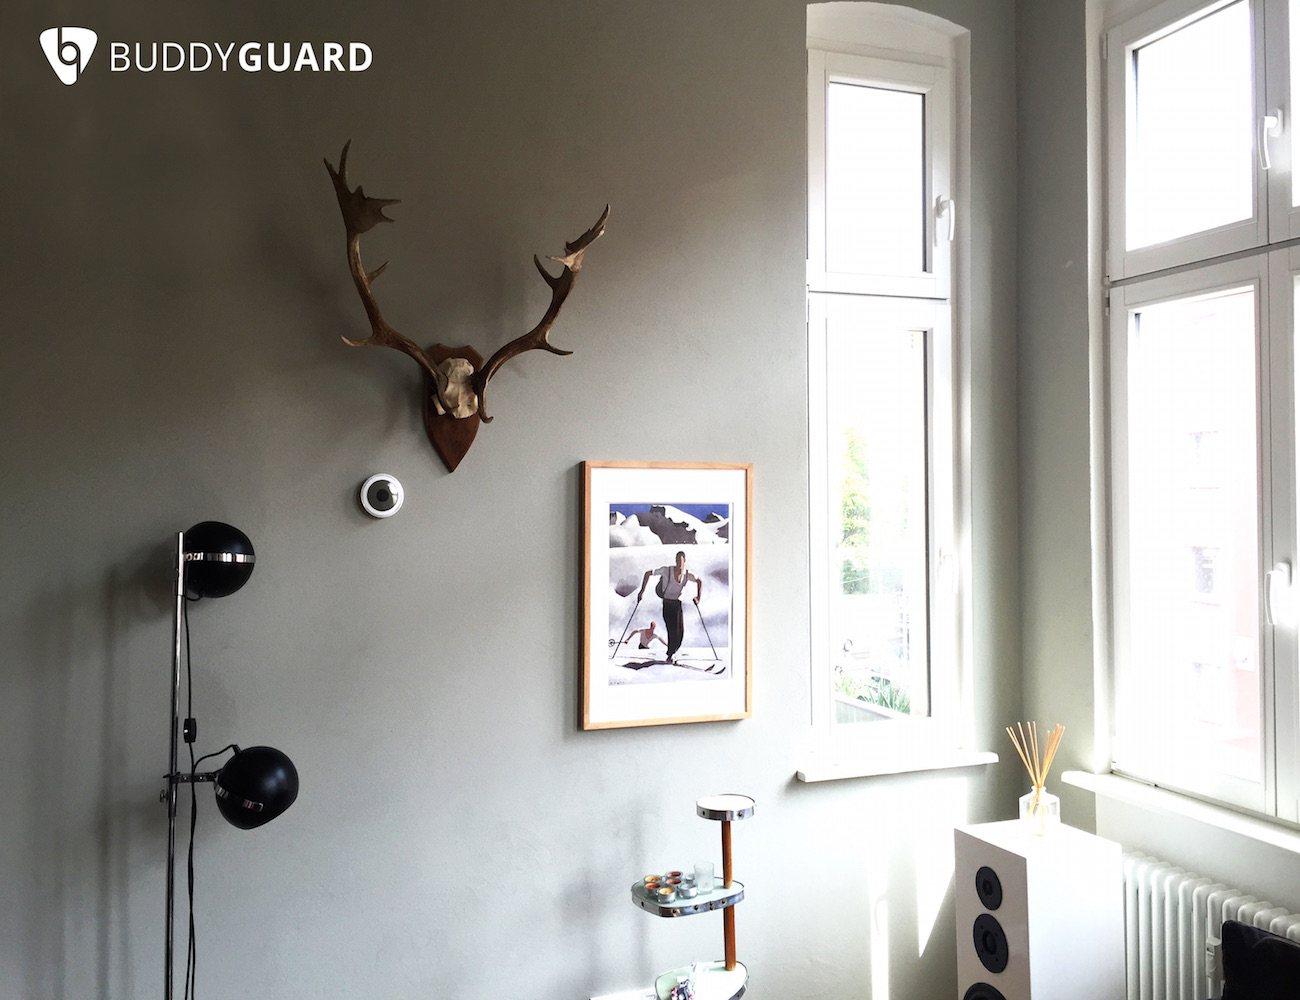 buddyguard-flare-home-security-02